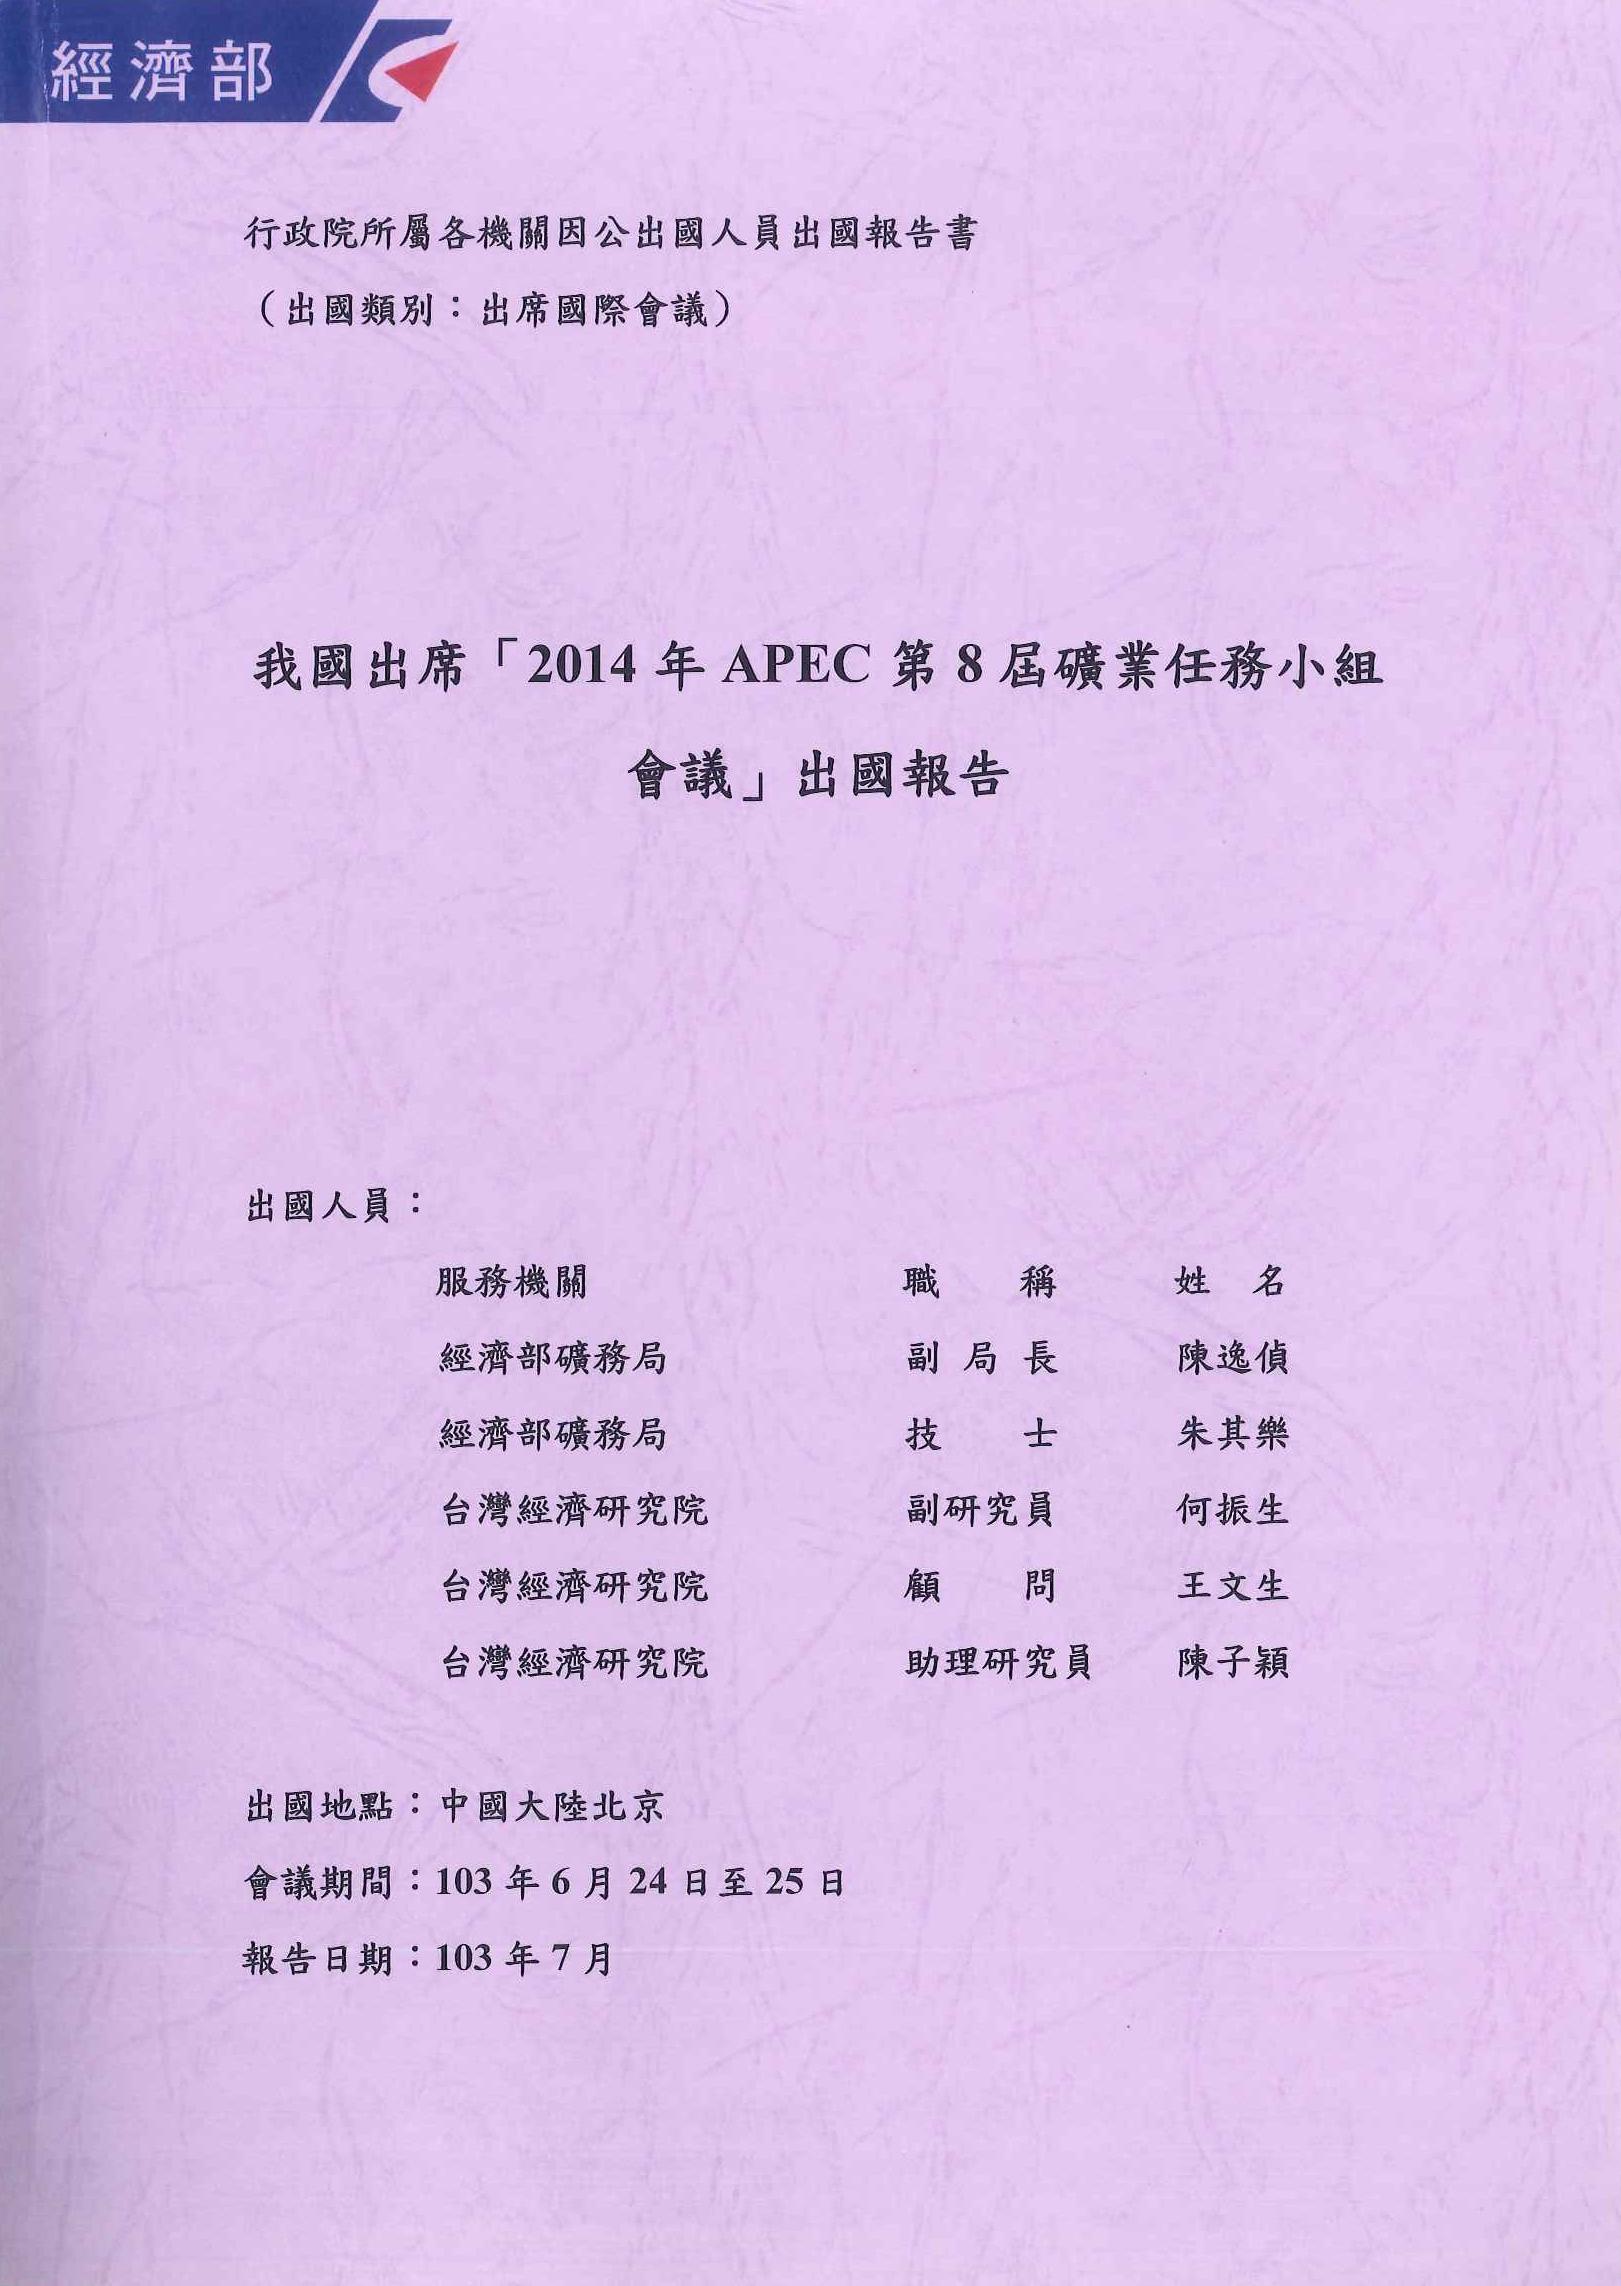 我國出席「2014年APEC第8屆礦業任務小組會議」出國報告